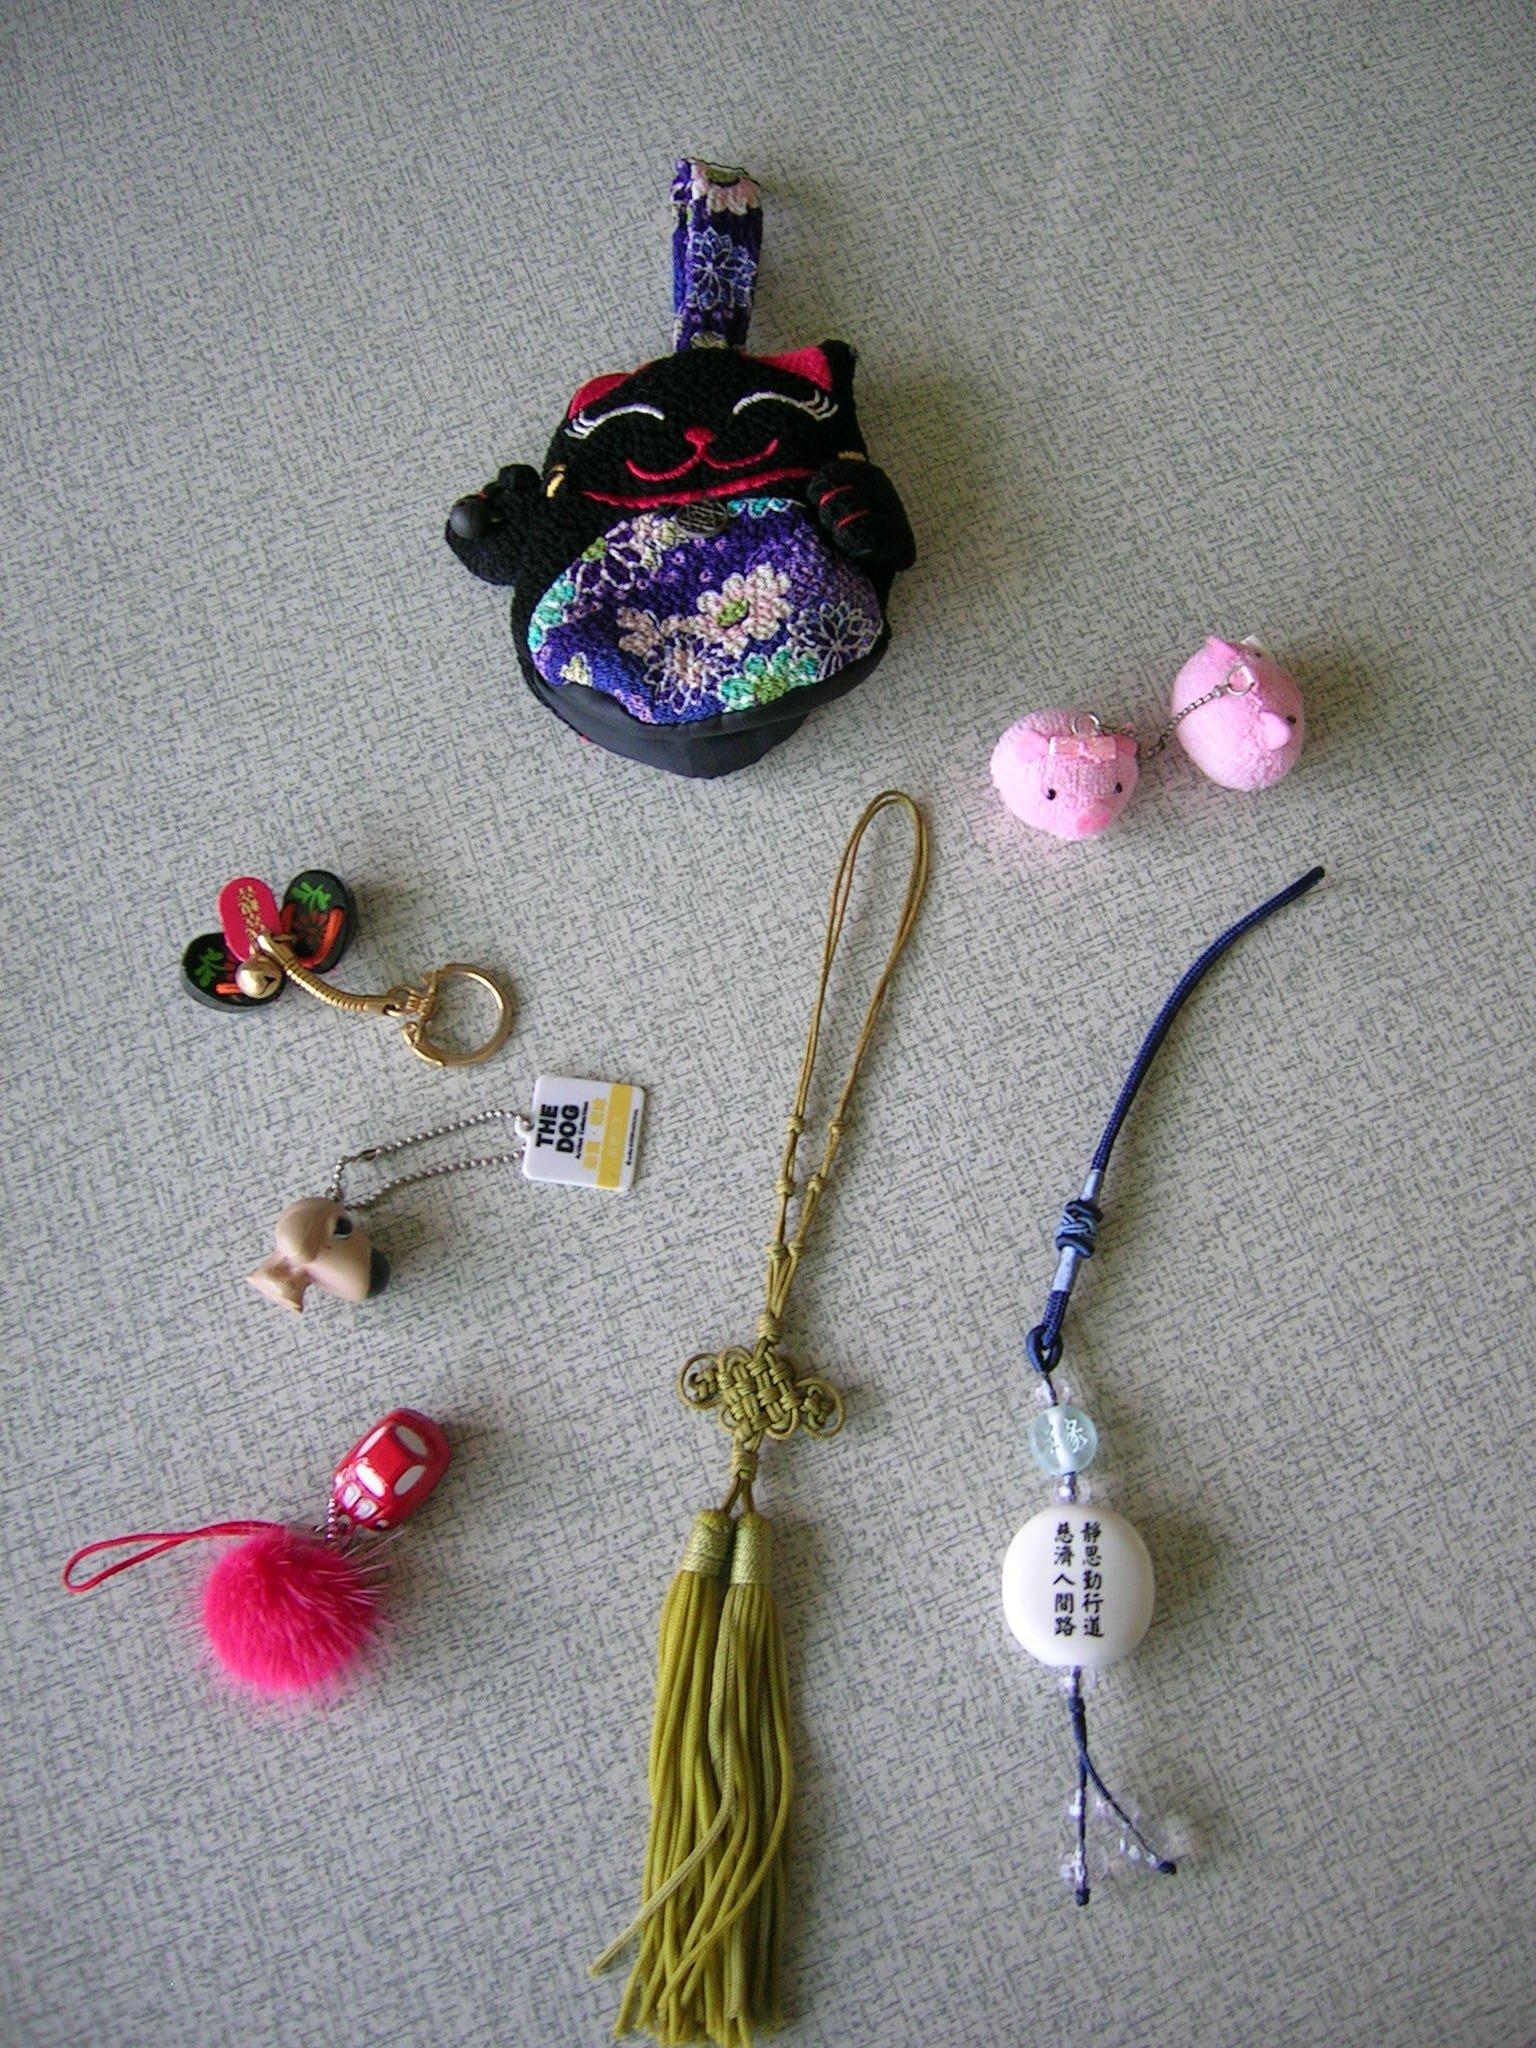 日本淺草  木屐  手機吊飾  i-phone可用  可愛小豬  大頭狗   小飾品    降價了